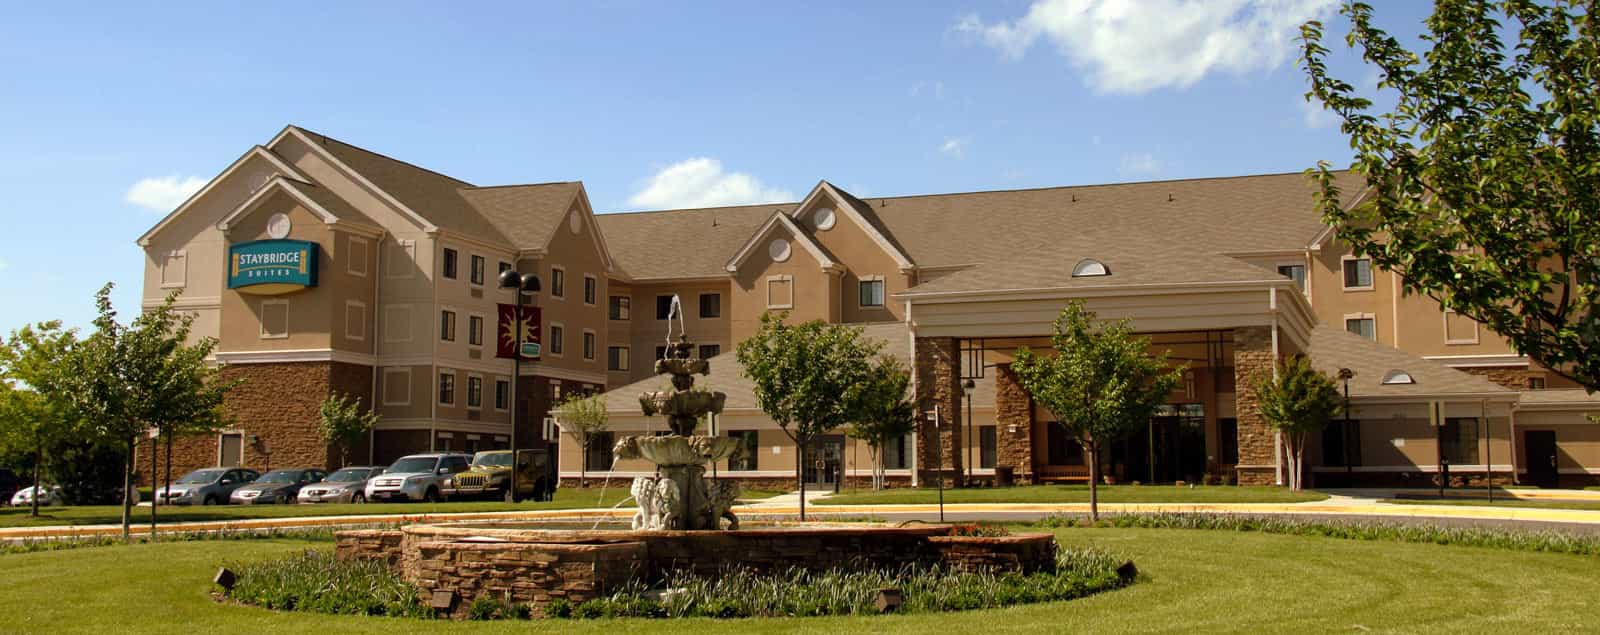 Virginia Green Hotels